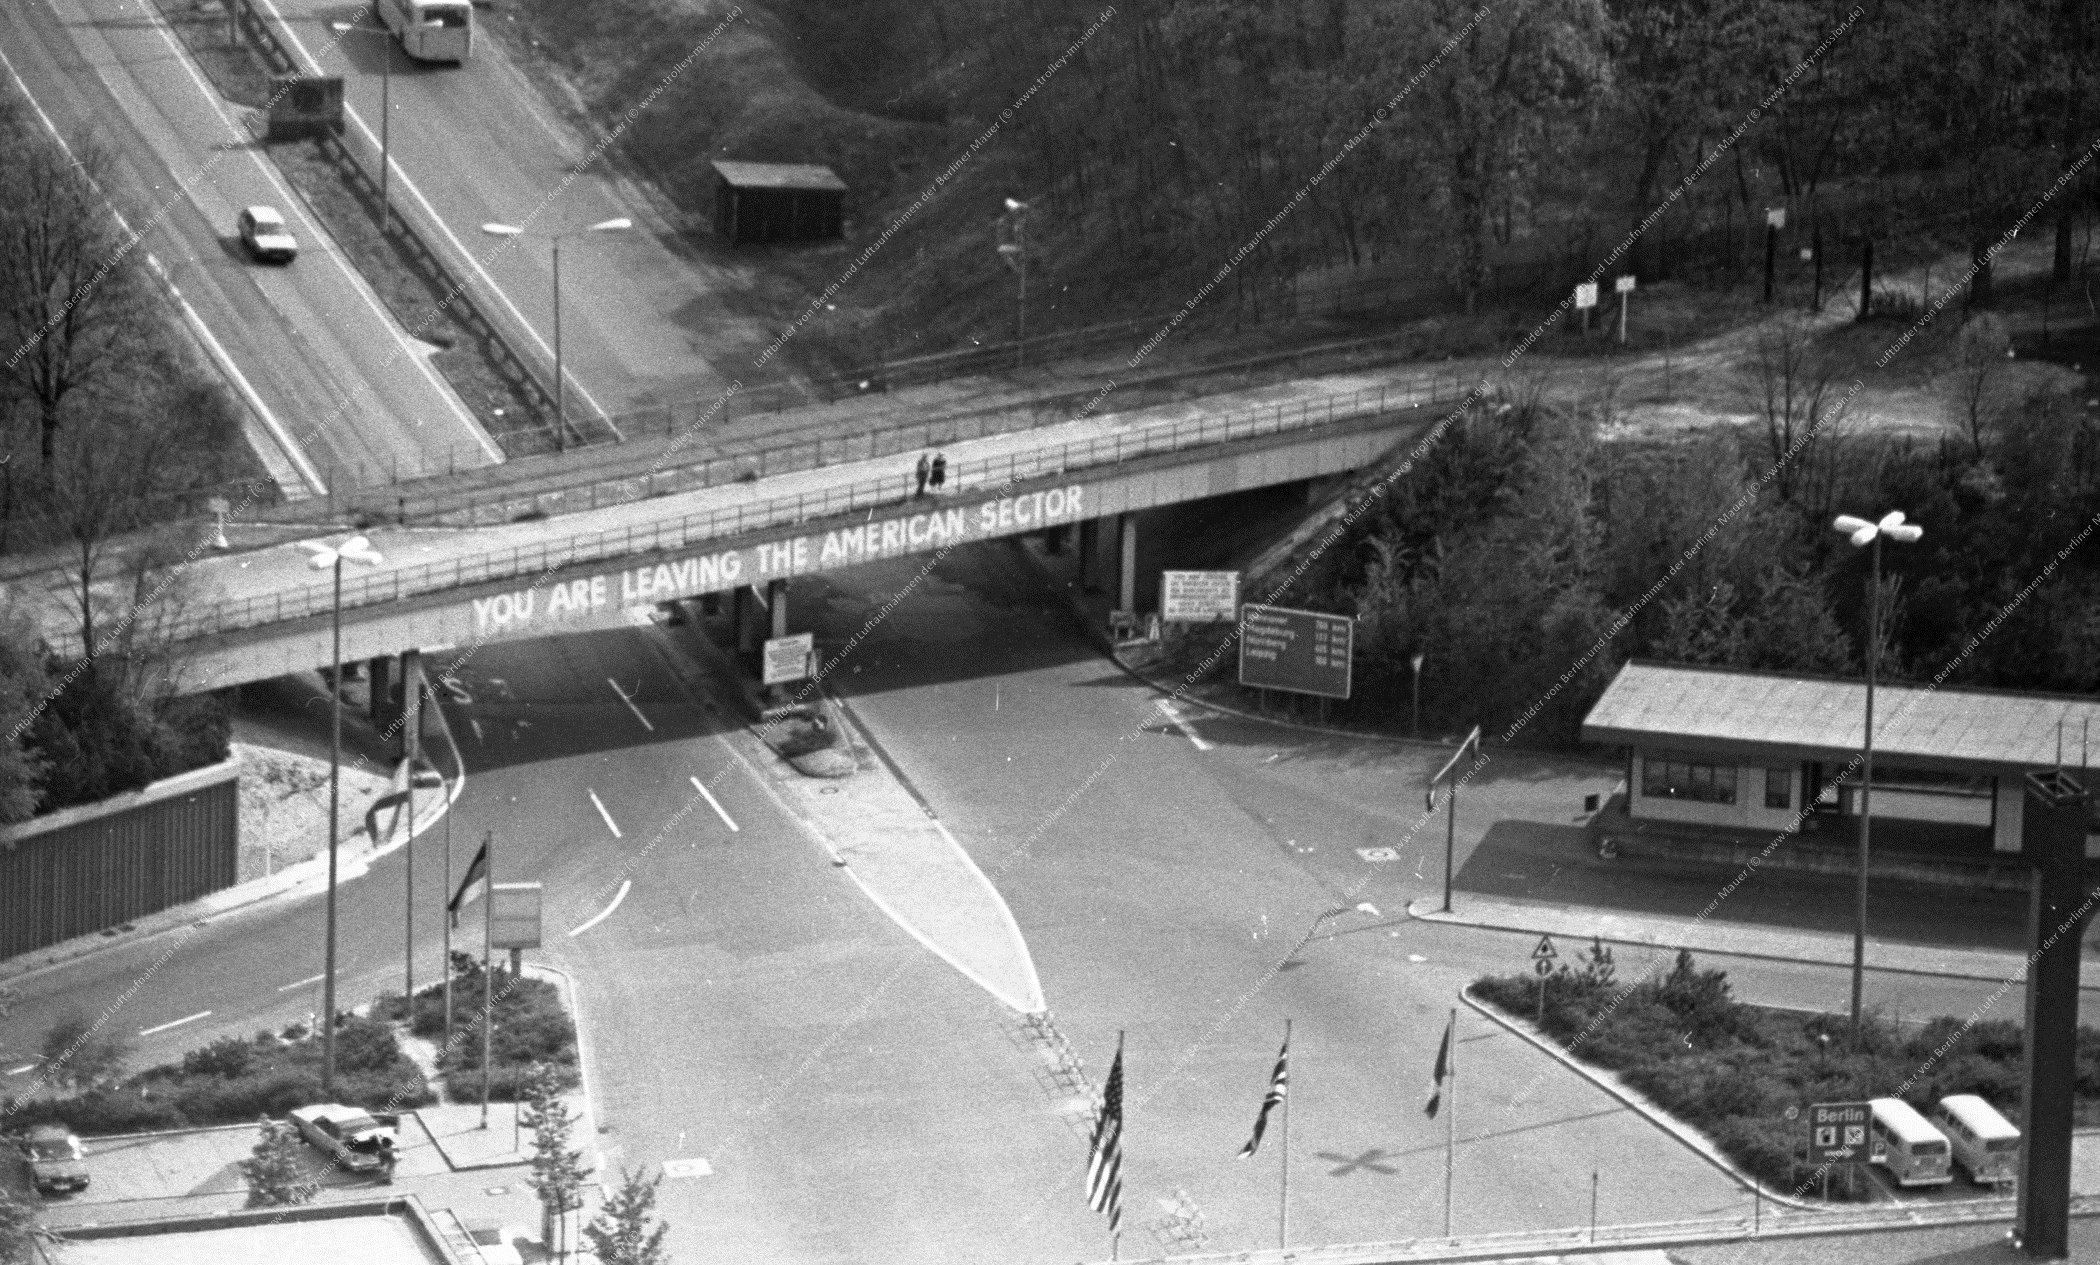 Luftbild Grenzübergang Dreilinden bzw. Checkpoint Bravo zwischen Berlin und Brandenburg (Bild 048)